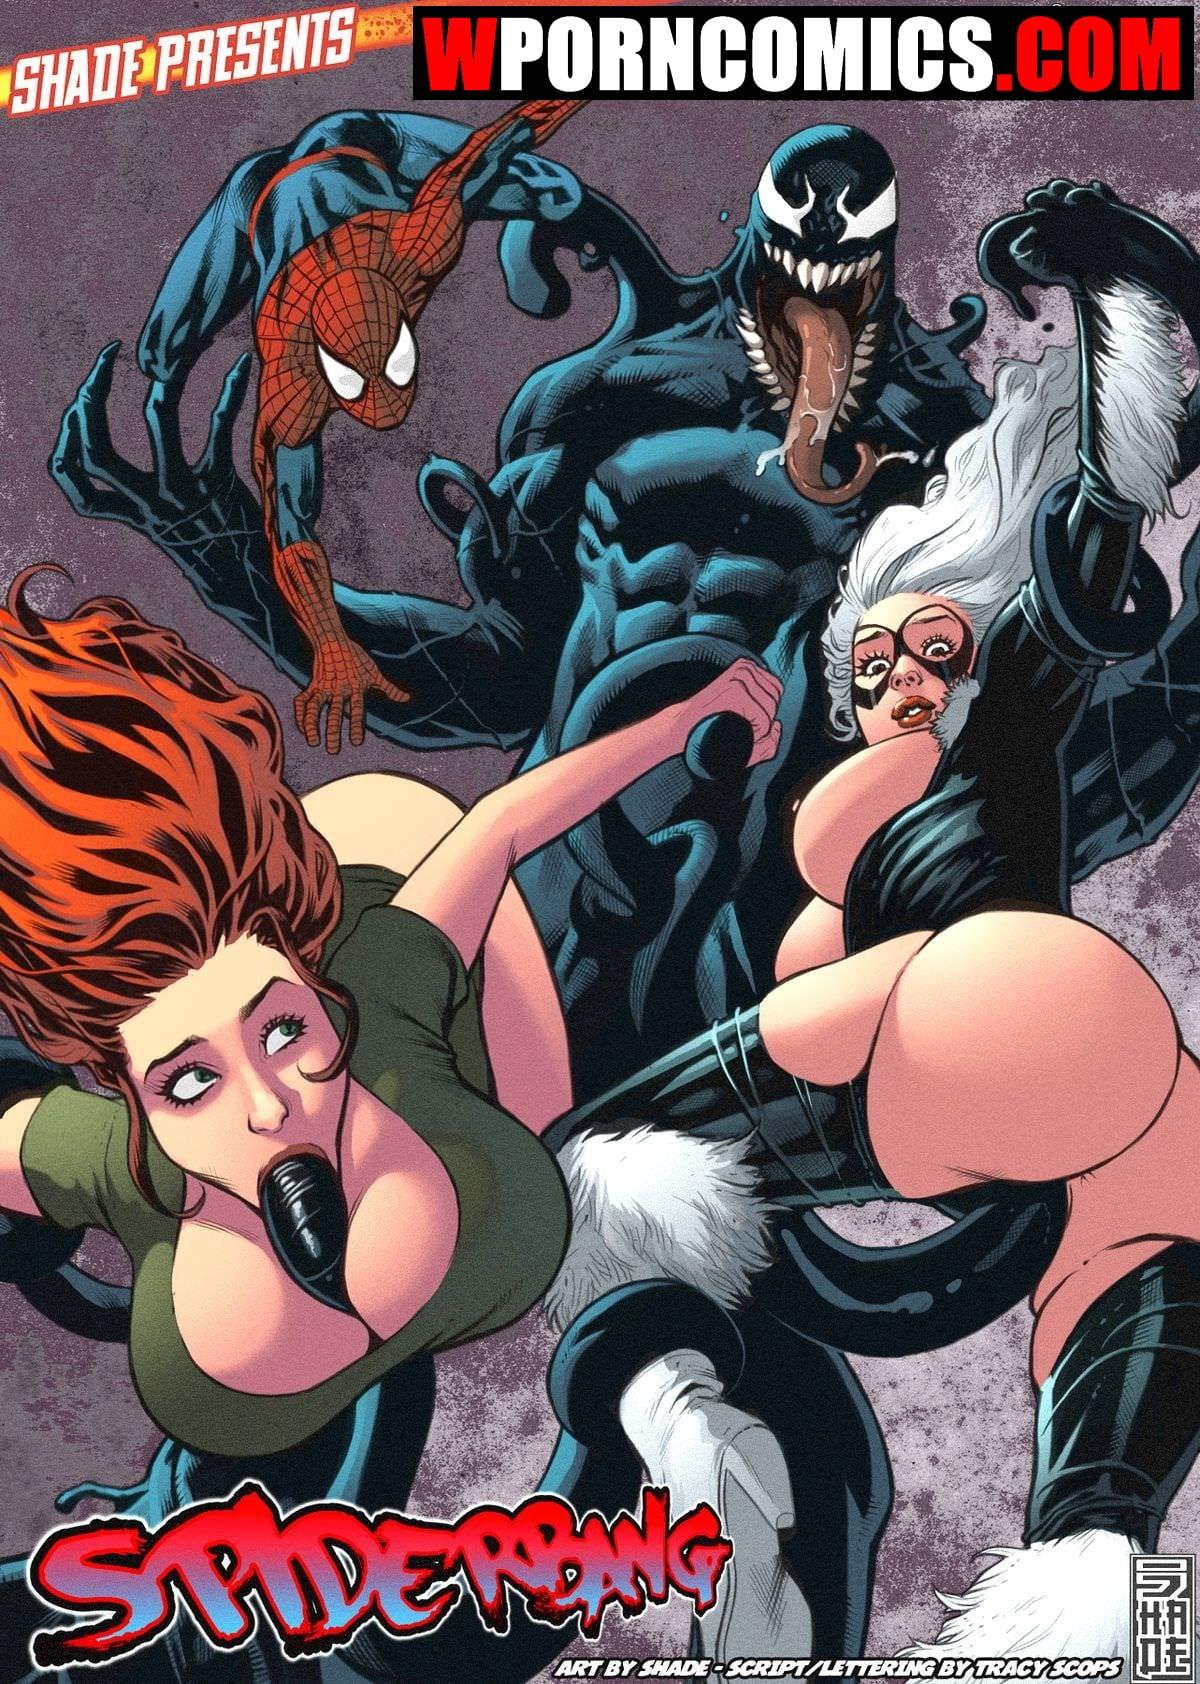 Porn comics Spiderbang.